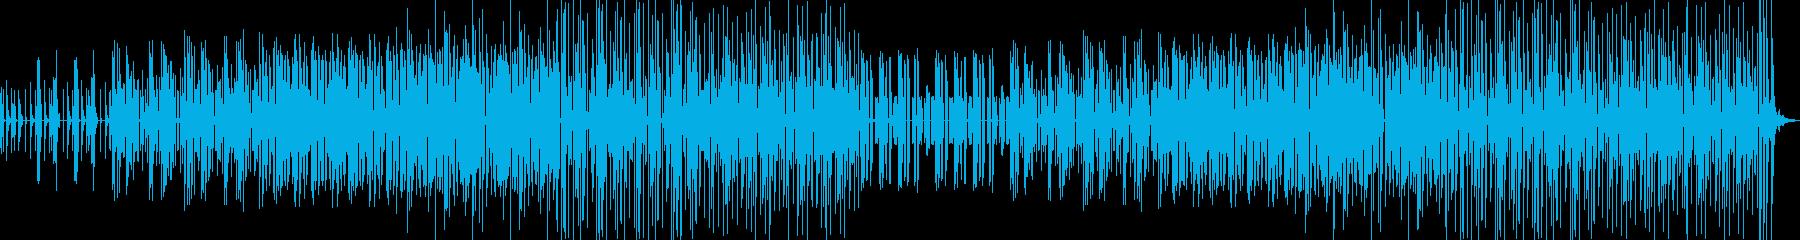 かわいくて面白い音が沢山入ったポップな曲の再生済みの波形